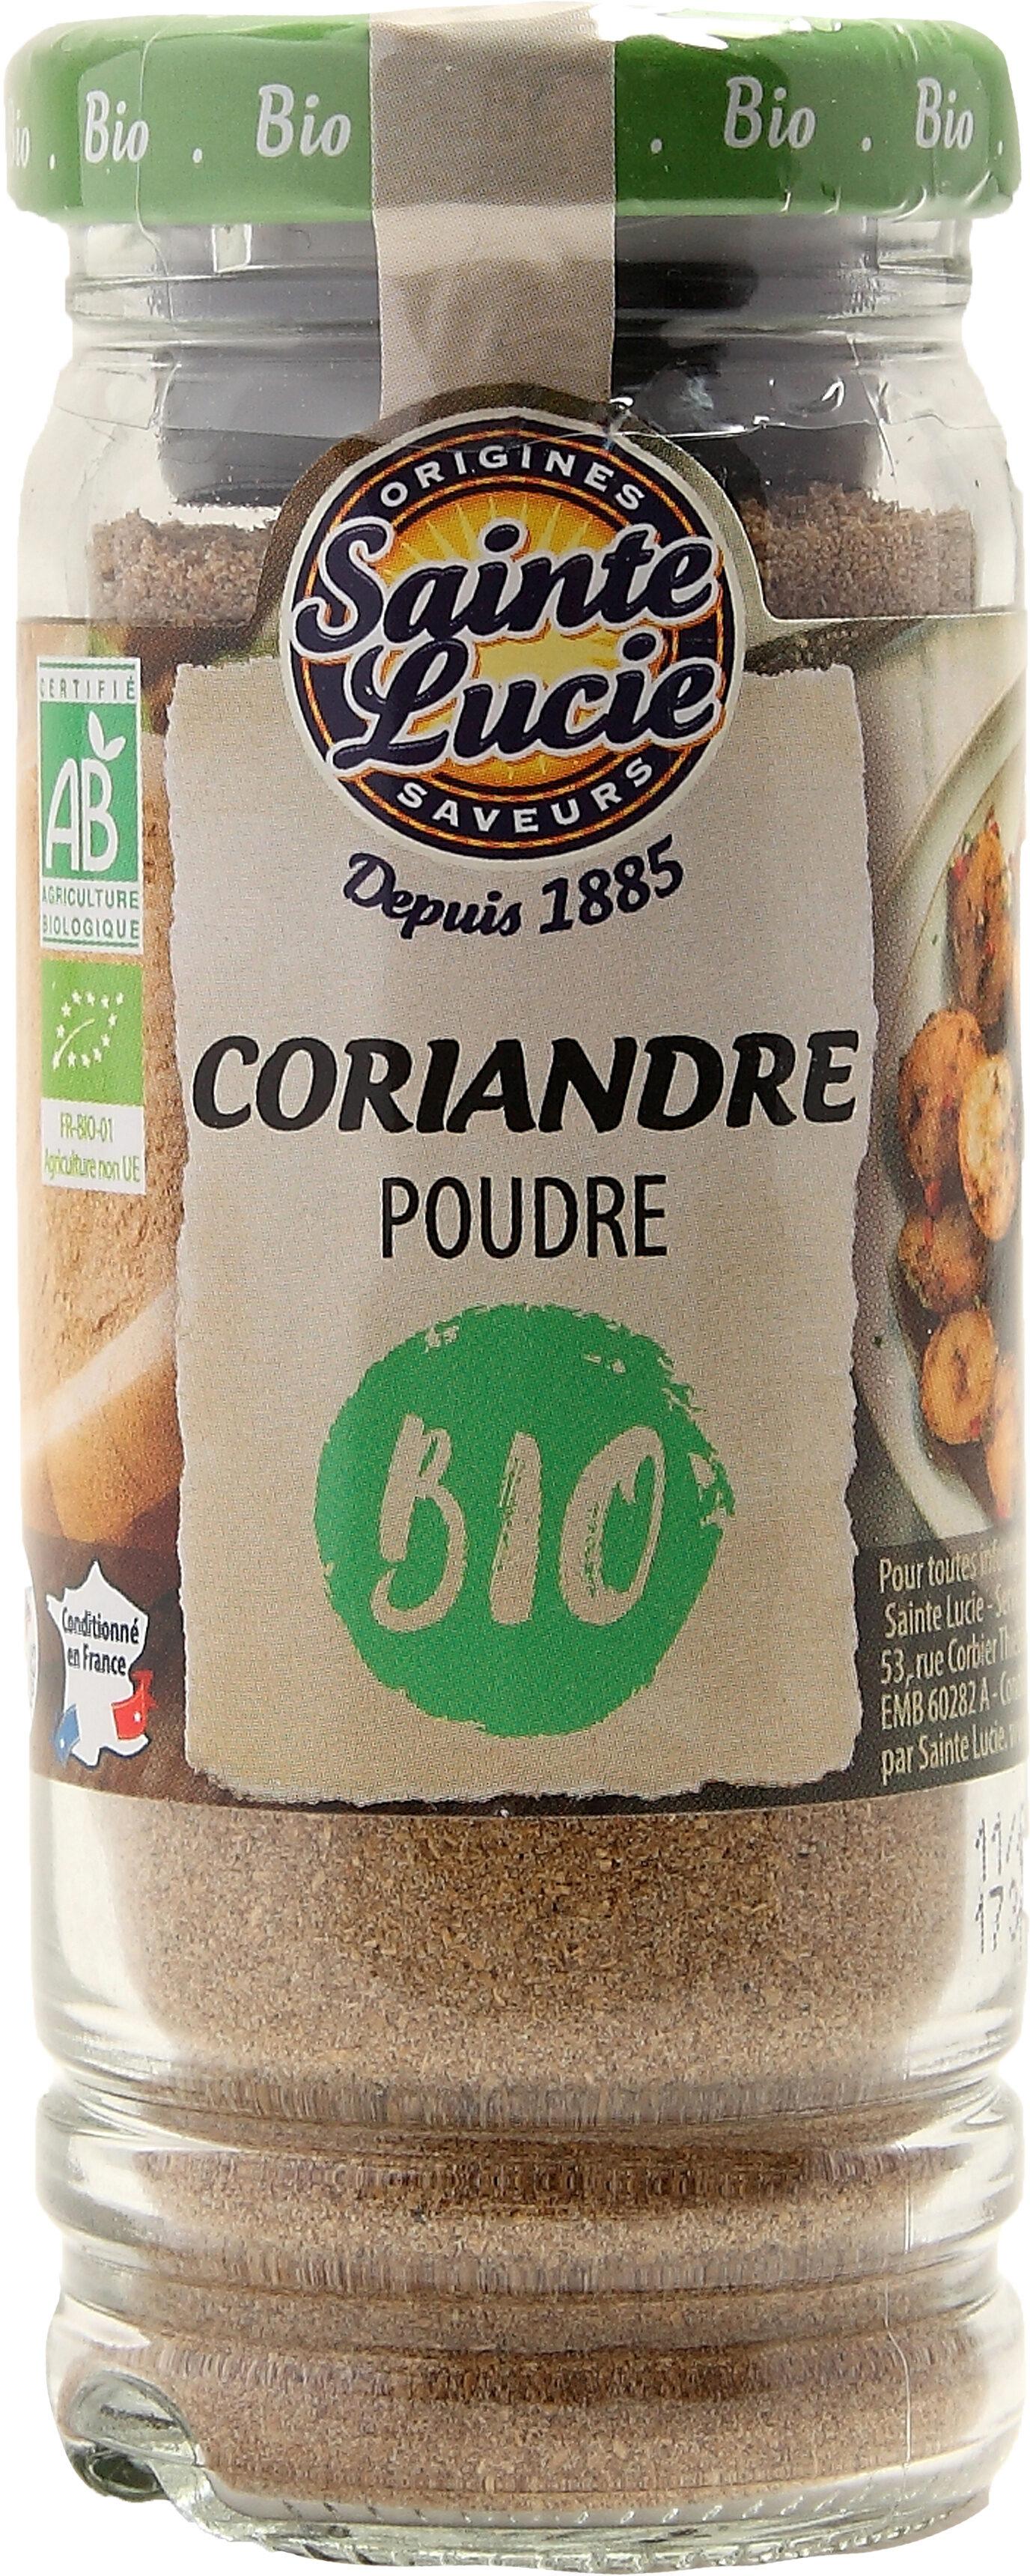 Coriandre poudre BIO - Product - fr